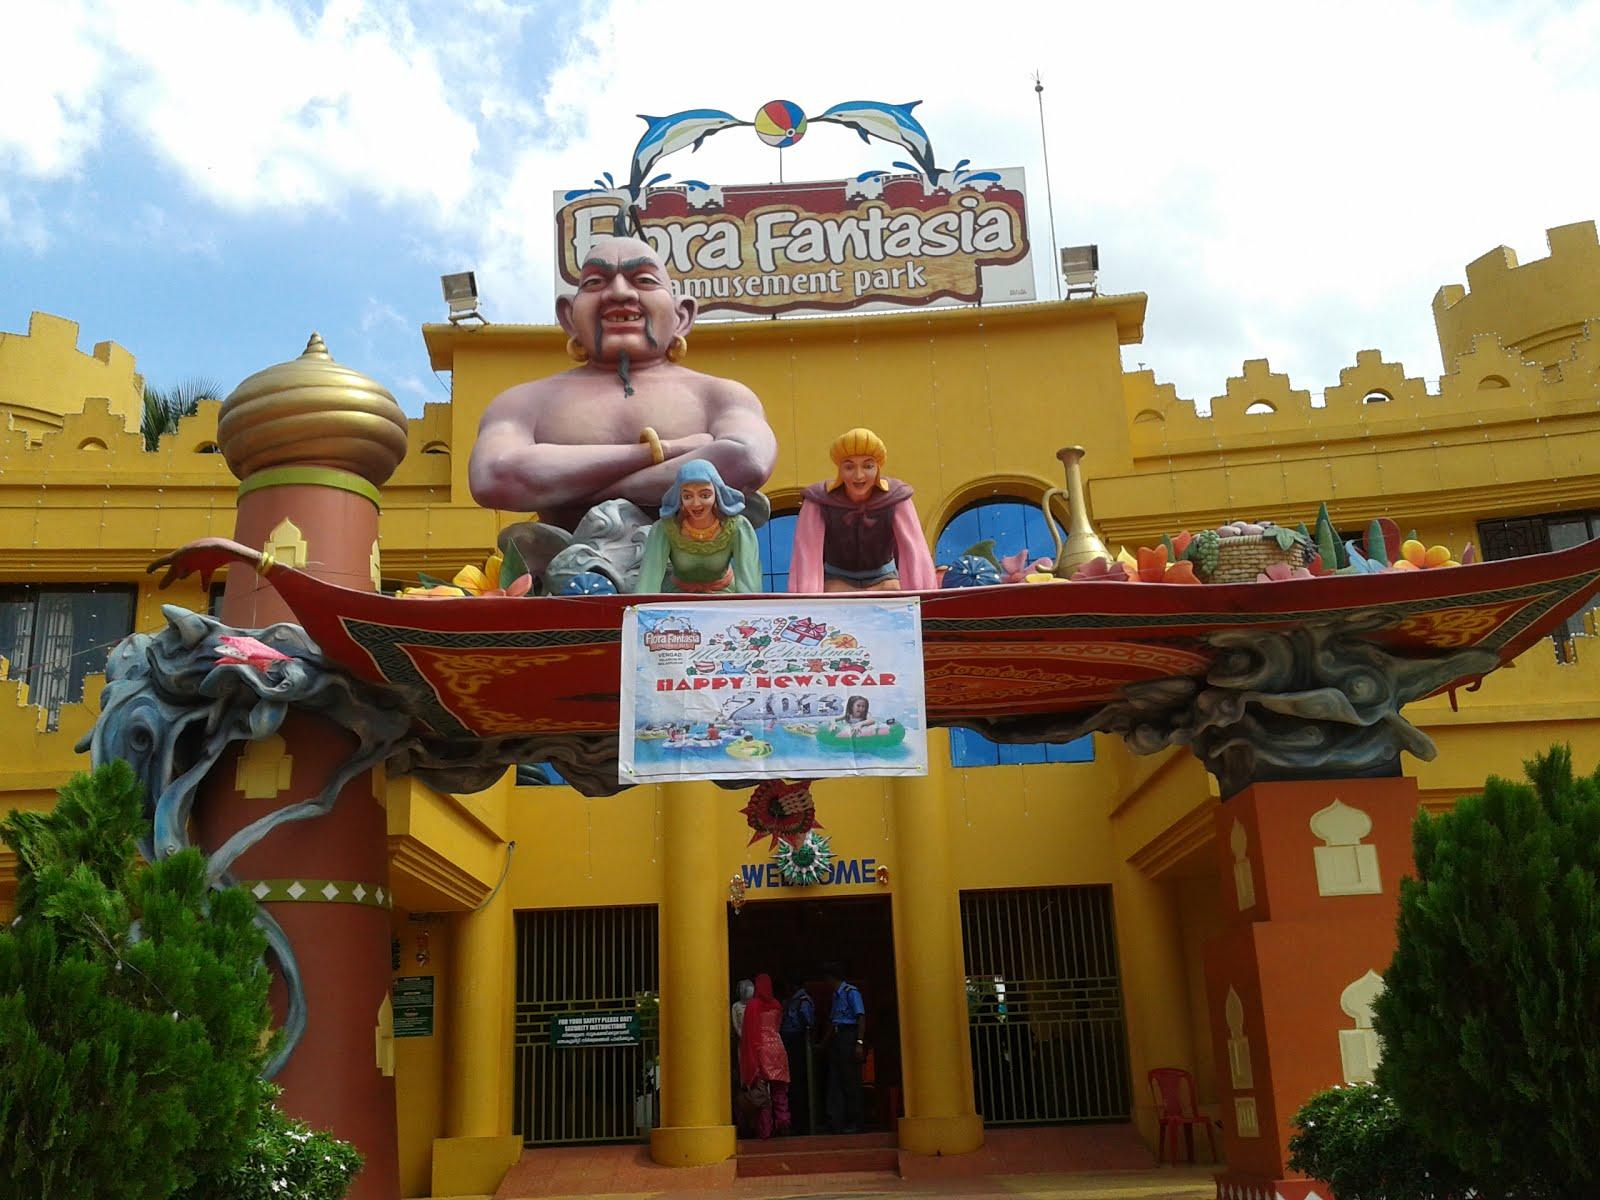 W E L C O M E Quot Flora Fantasia Quot Vengad Amusement Park